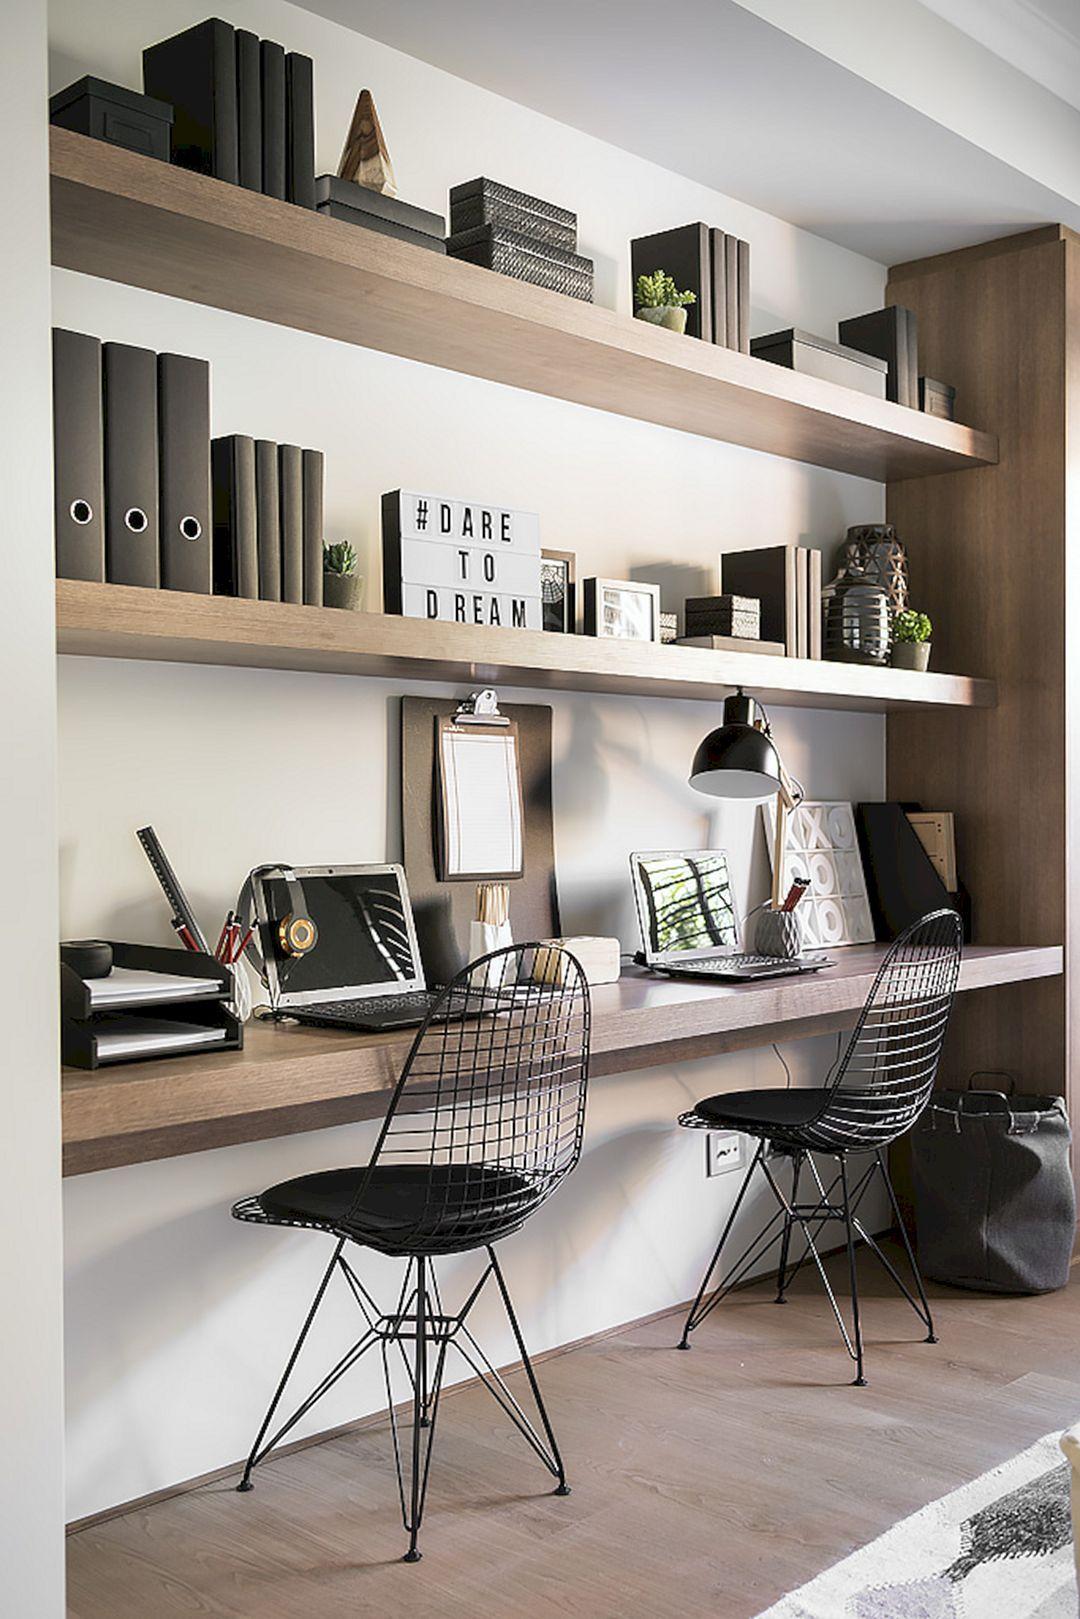 55+ Extraordinary Home Study Room Design Ideas | Study room design ...